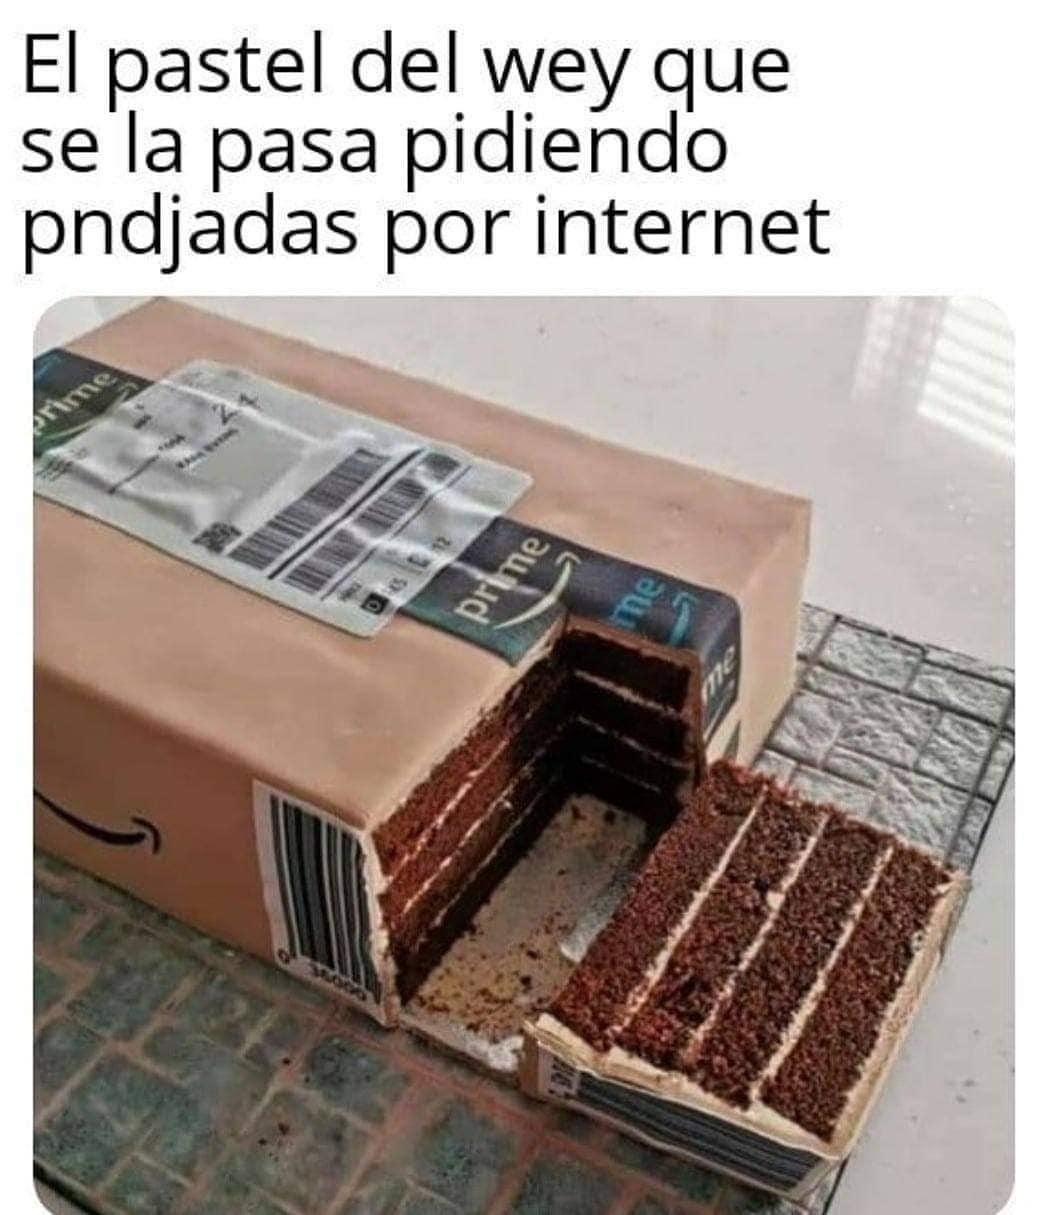 El pastel del wey que se la pasa pidiendo pndjadas por internet.